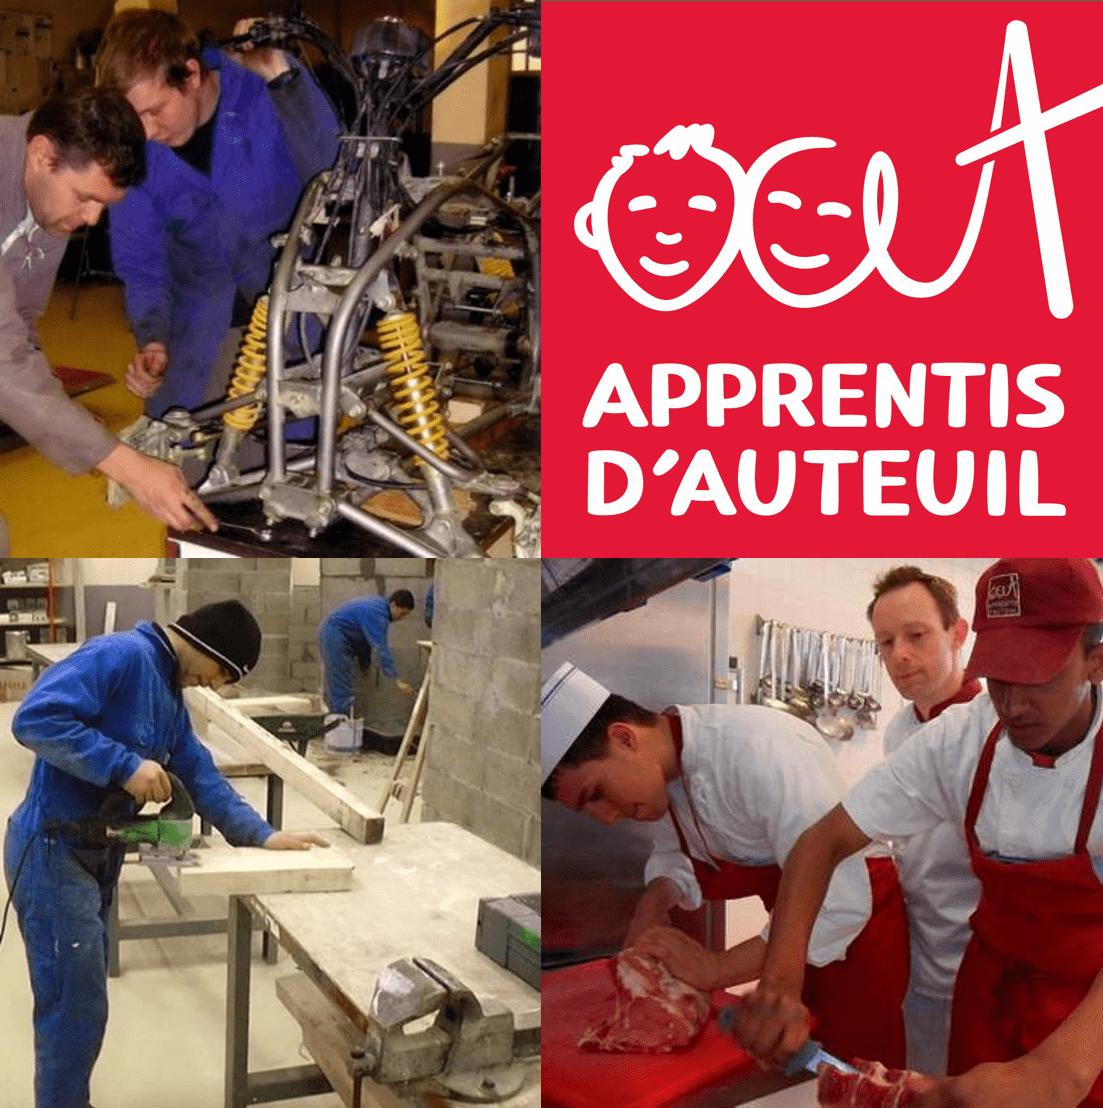 Apprentis d'Auteuil : Sup' de pro, une initiation aux métiers pour les « jeunes décrocheurs »